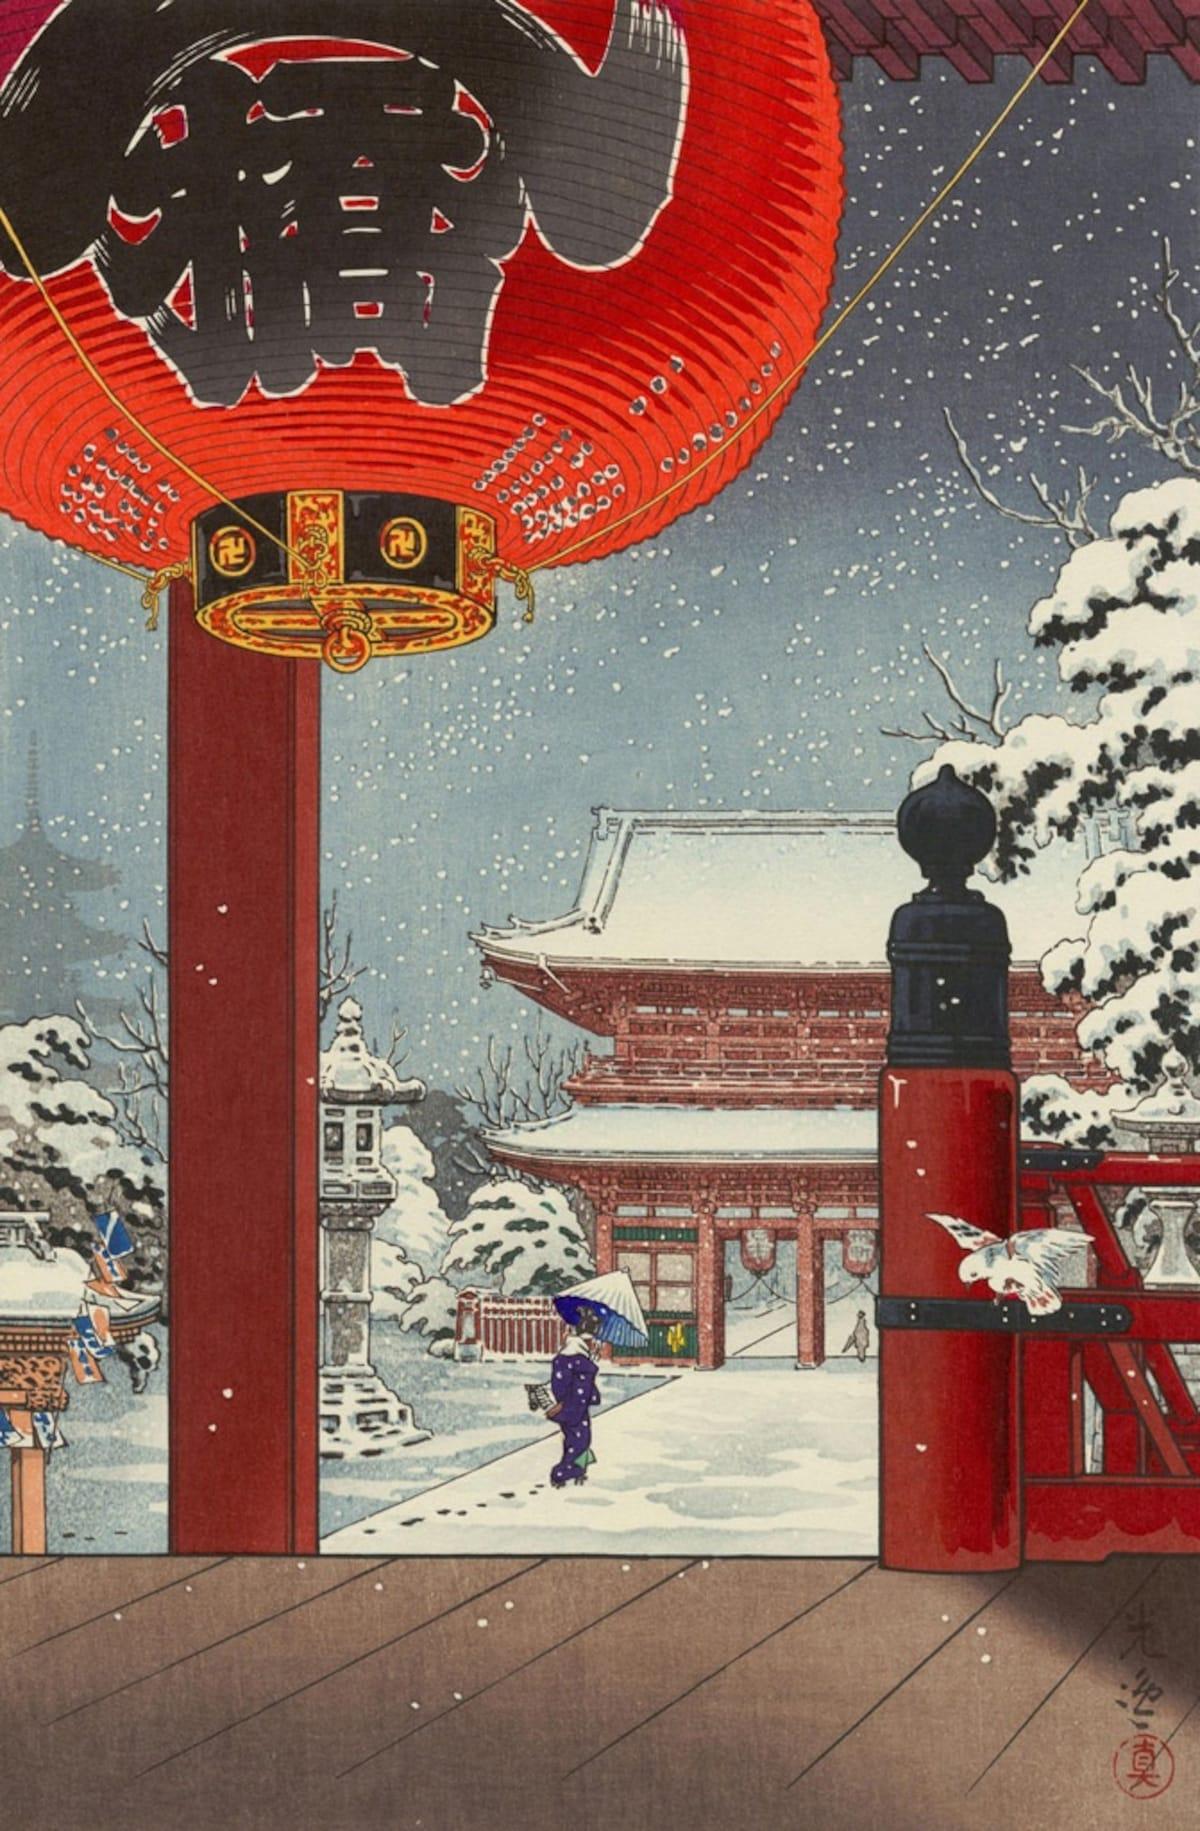 7 วิวหิมะสุดงามในสายตาศิลปินภาพพิมพ์อุคิโยะเอะ | All About Japan